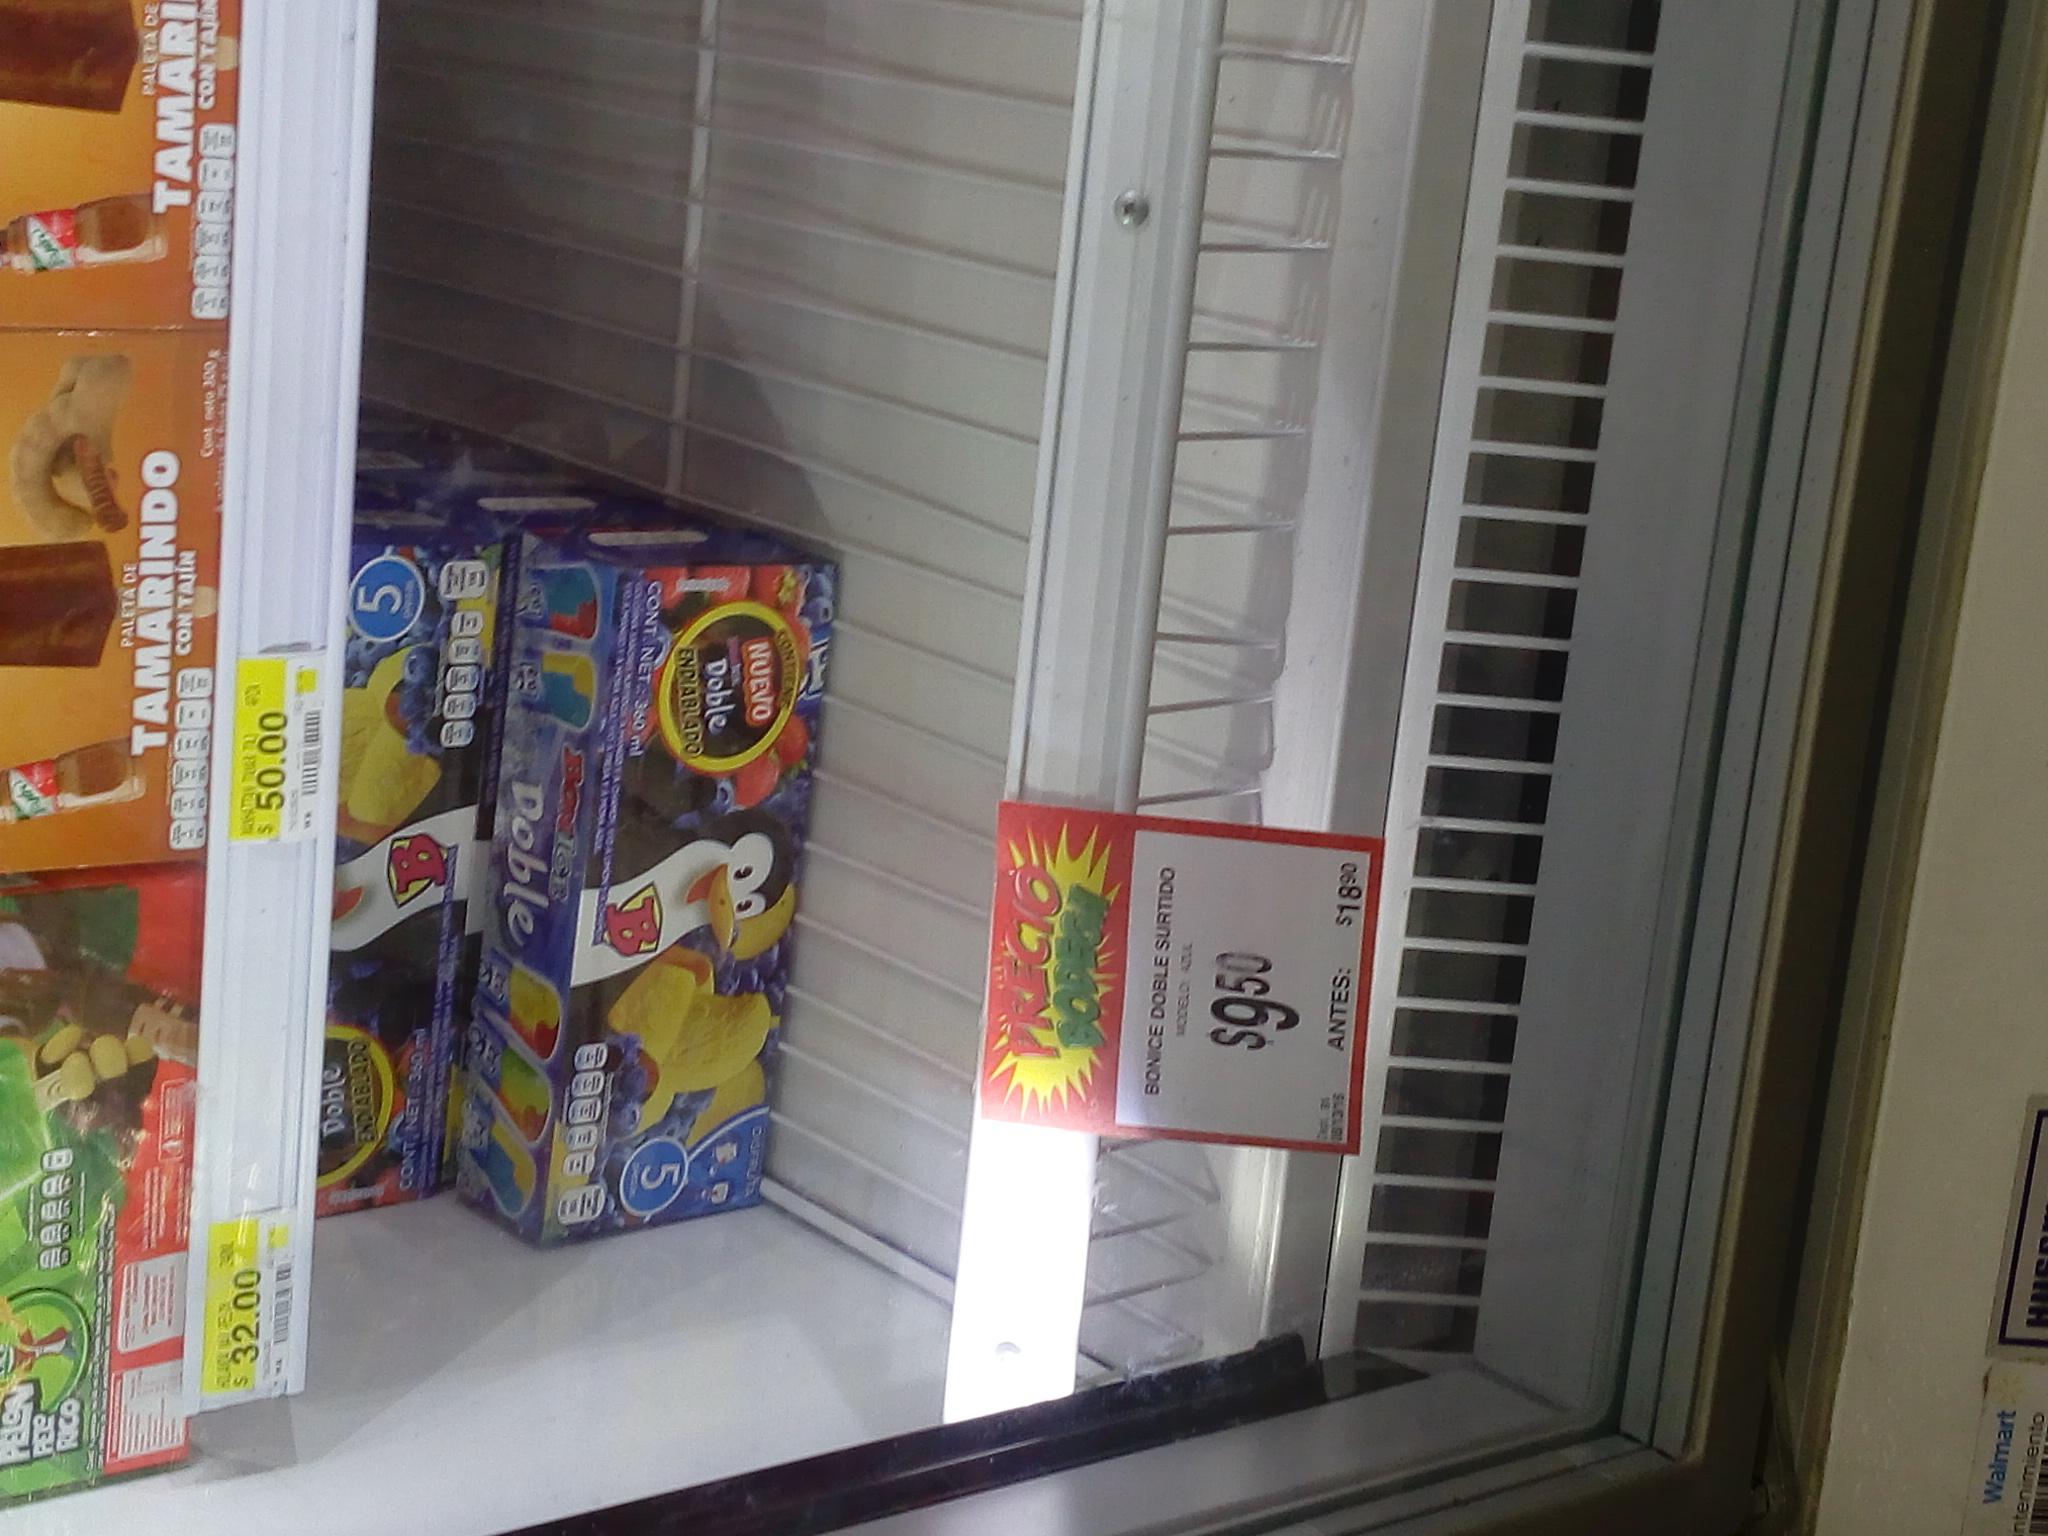 Bodega Aurrerá/Walmart: Bonice doble (paquete 5 piezas) a solo $10 pesos! Llevele llevele pa la calorsh!